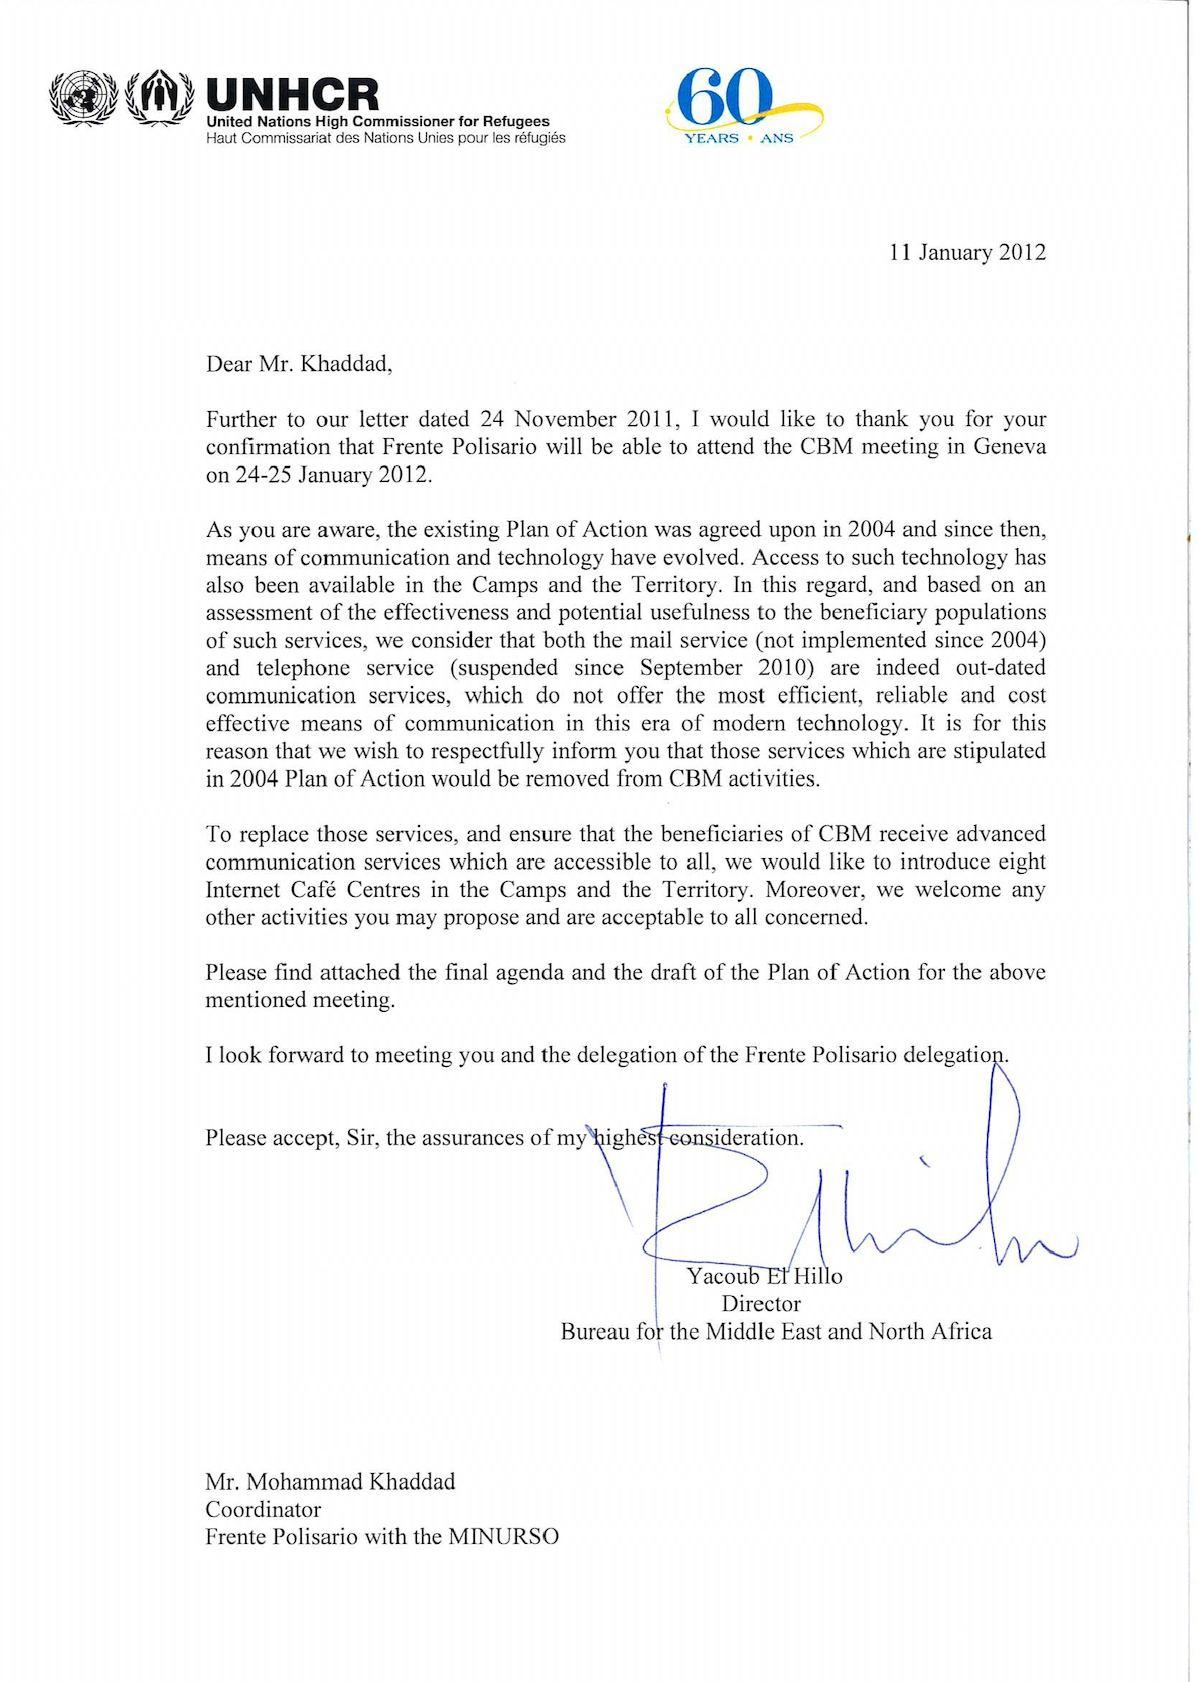 Frente POlisario Letter M Khaddad